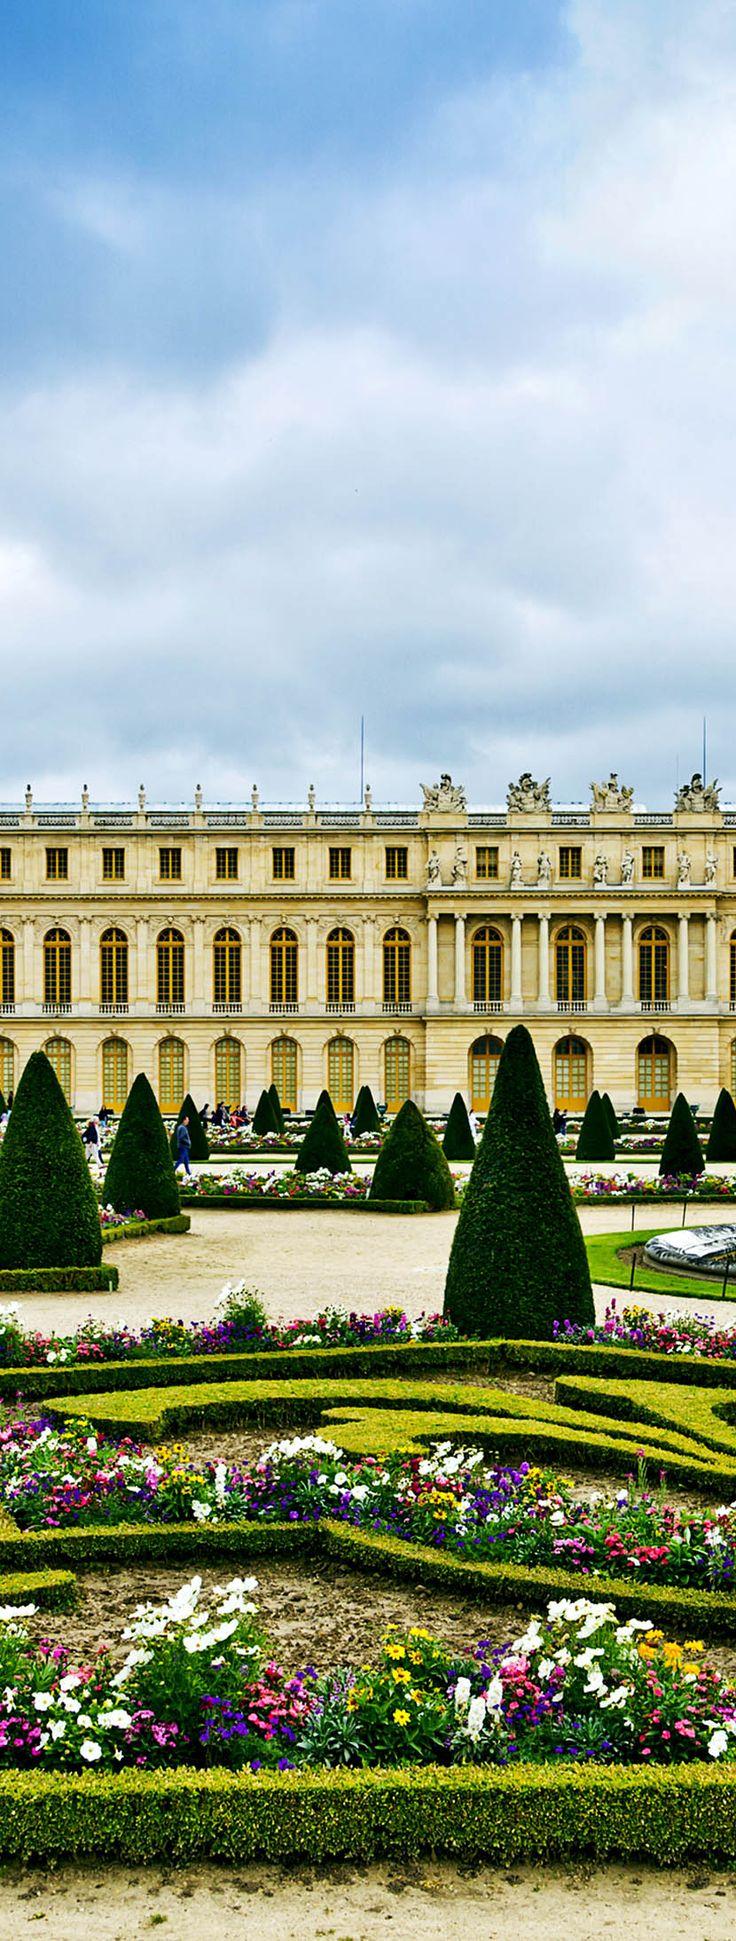 Palacio de Versalles famosa con hermosos jardines.   